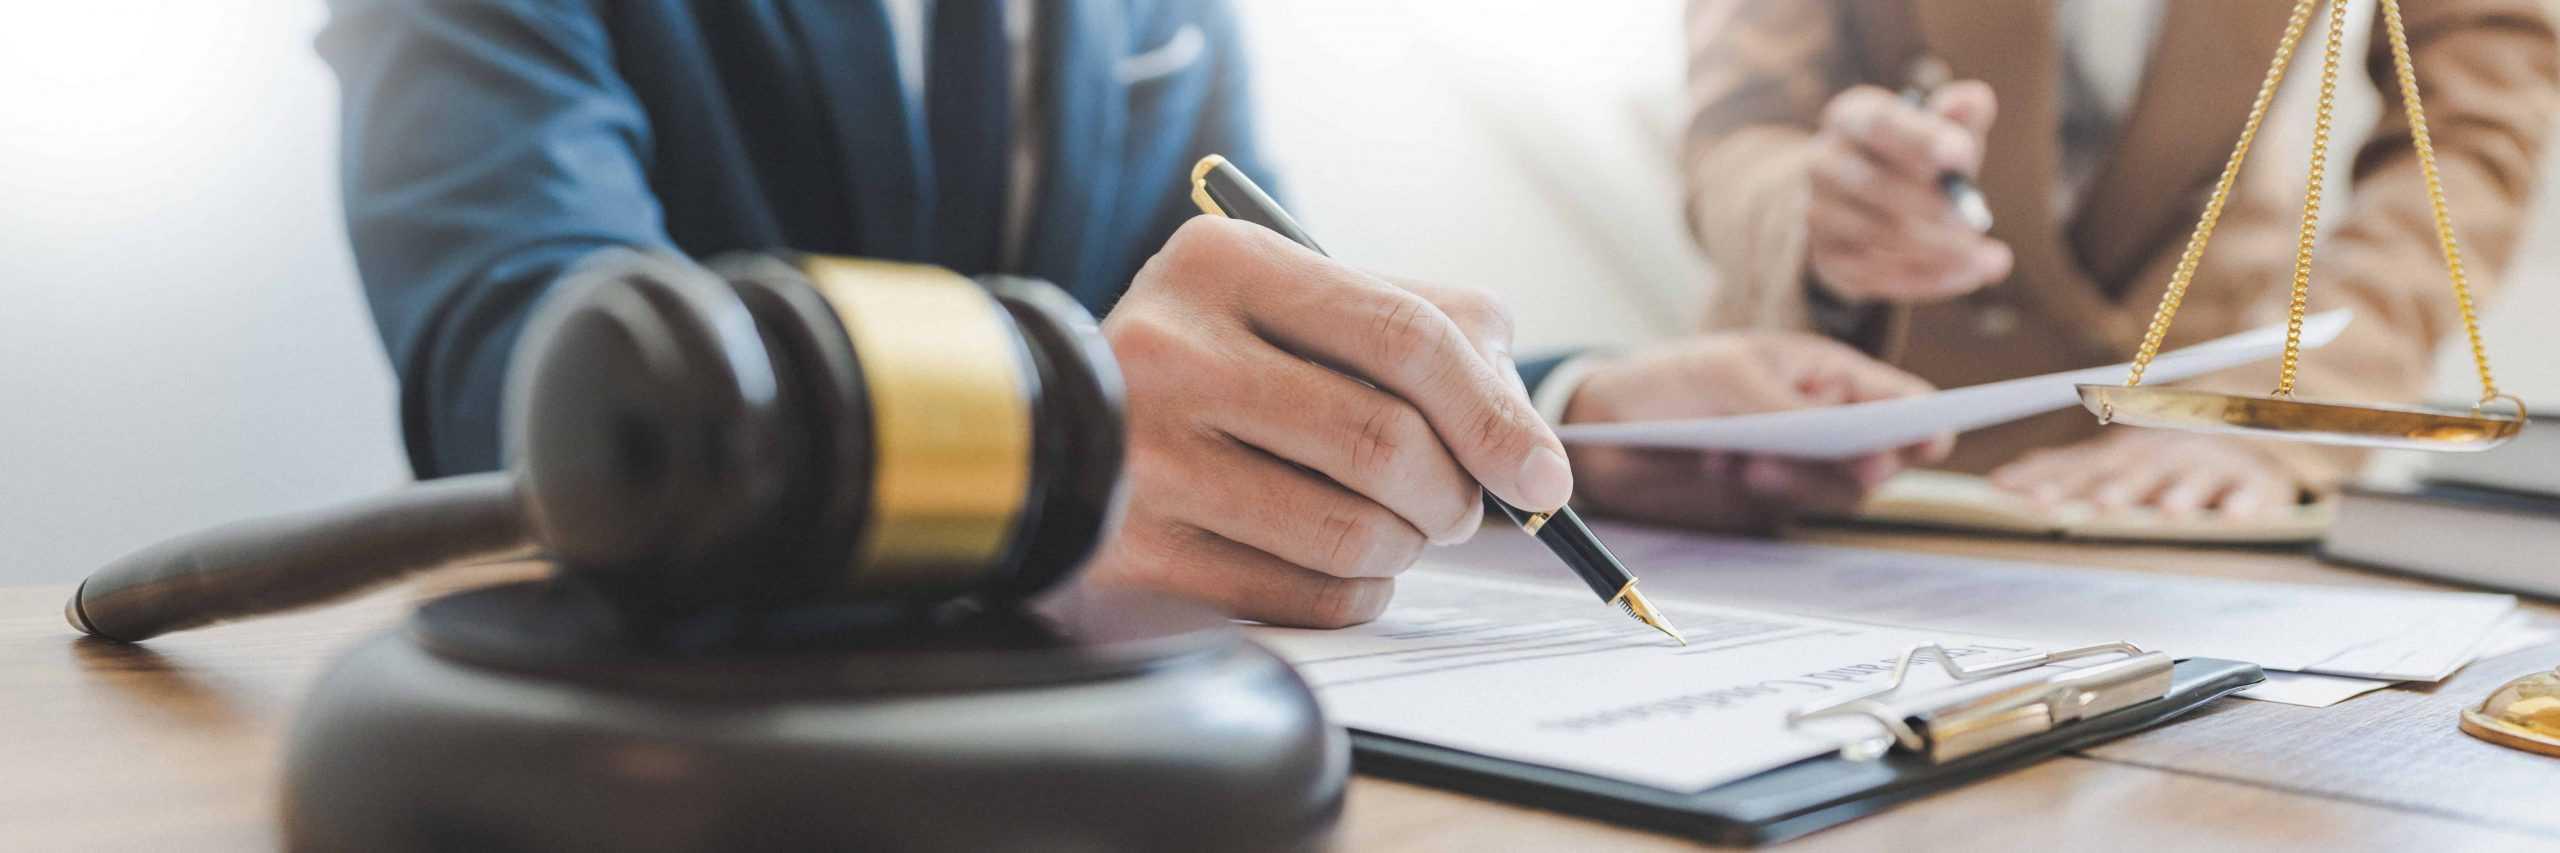 Signature pour recouvrement de loyer impayé